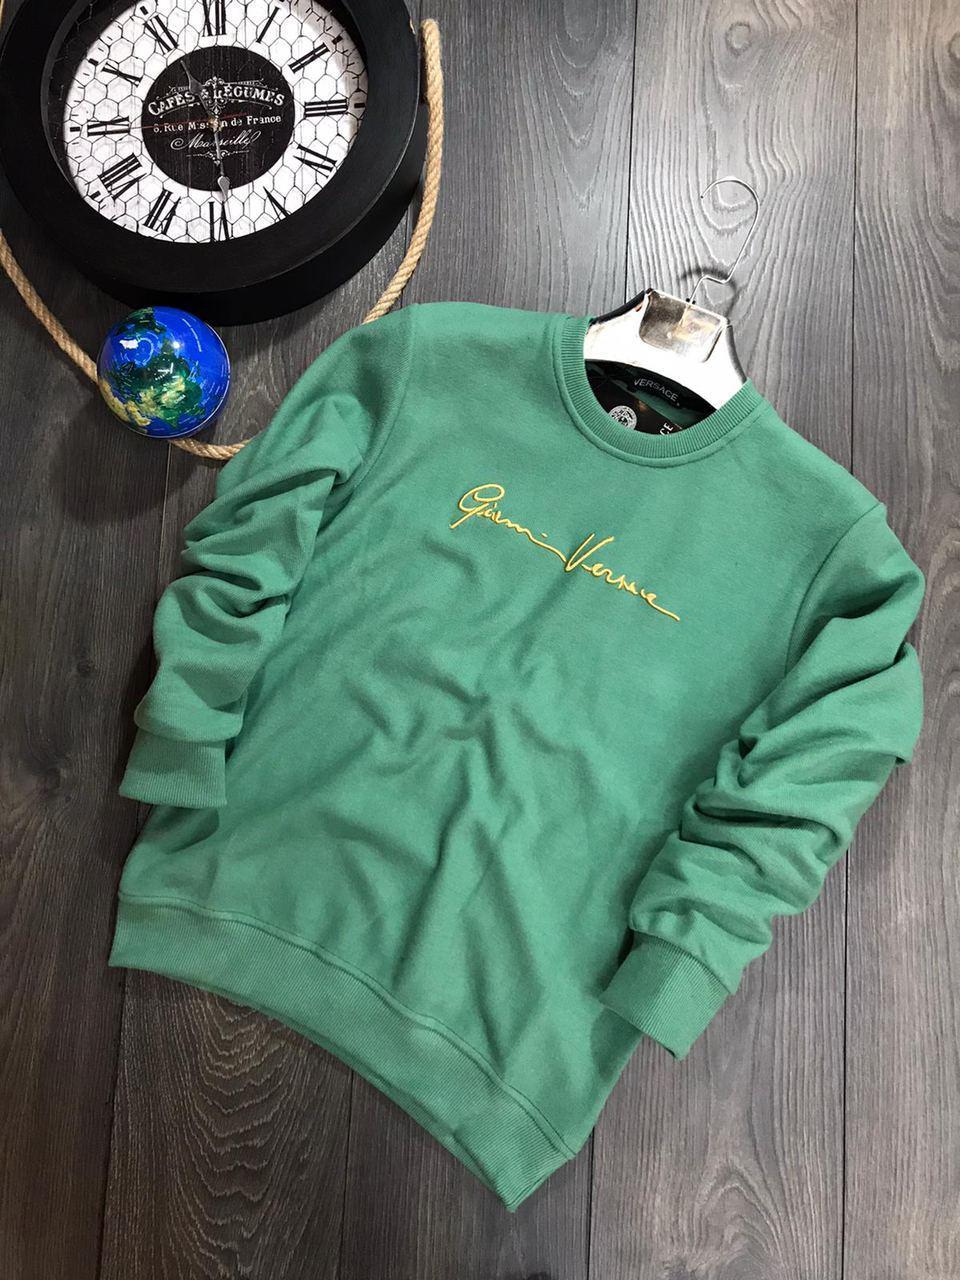 😜 Свитшот - Мужской брендовый свитшот Versace зеленая